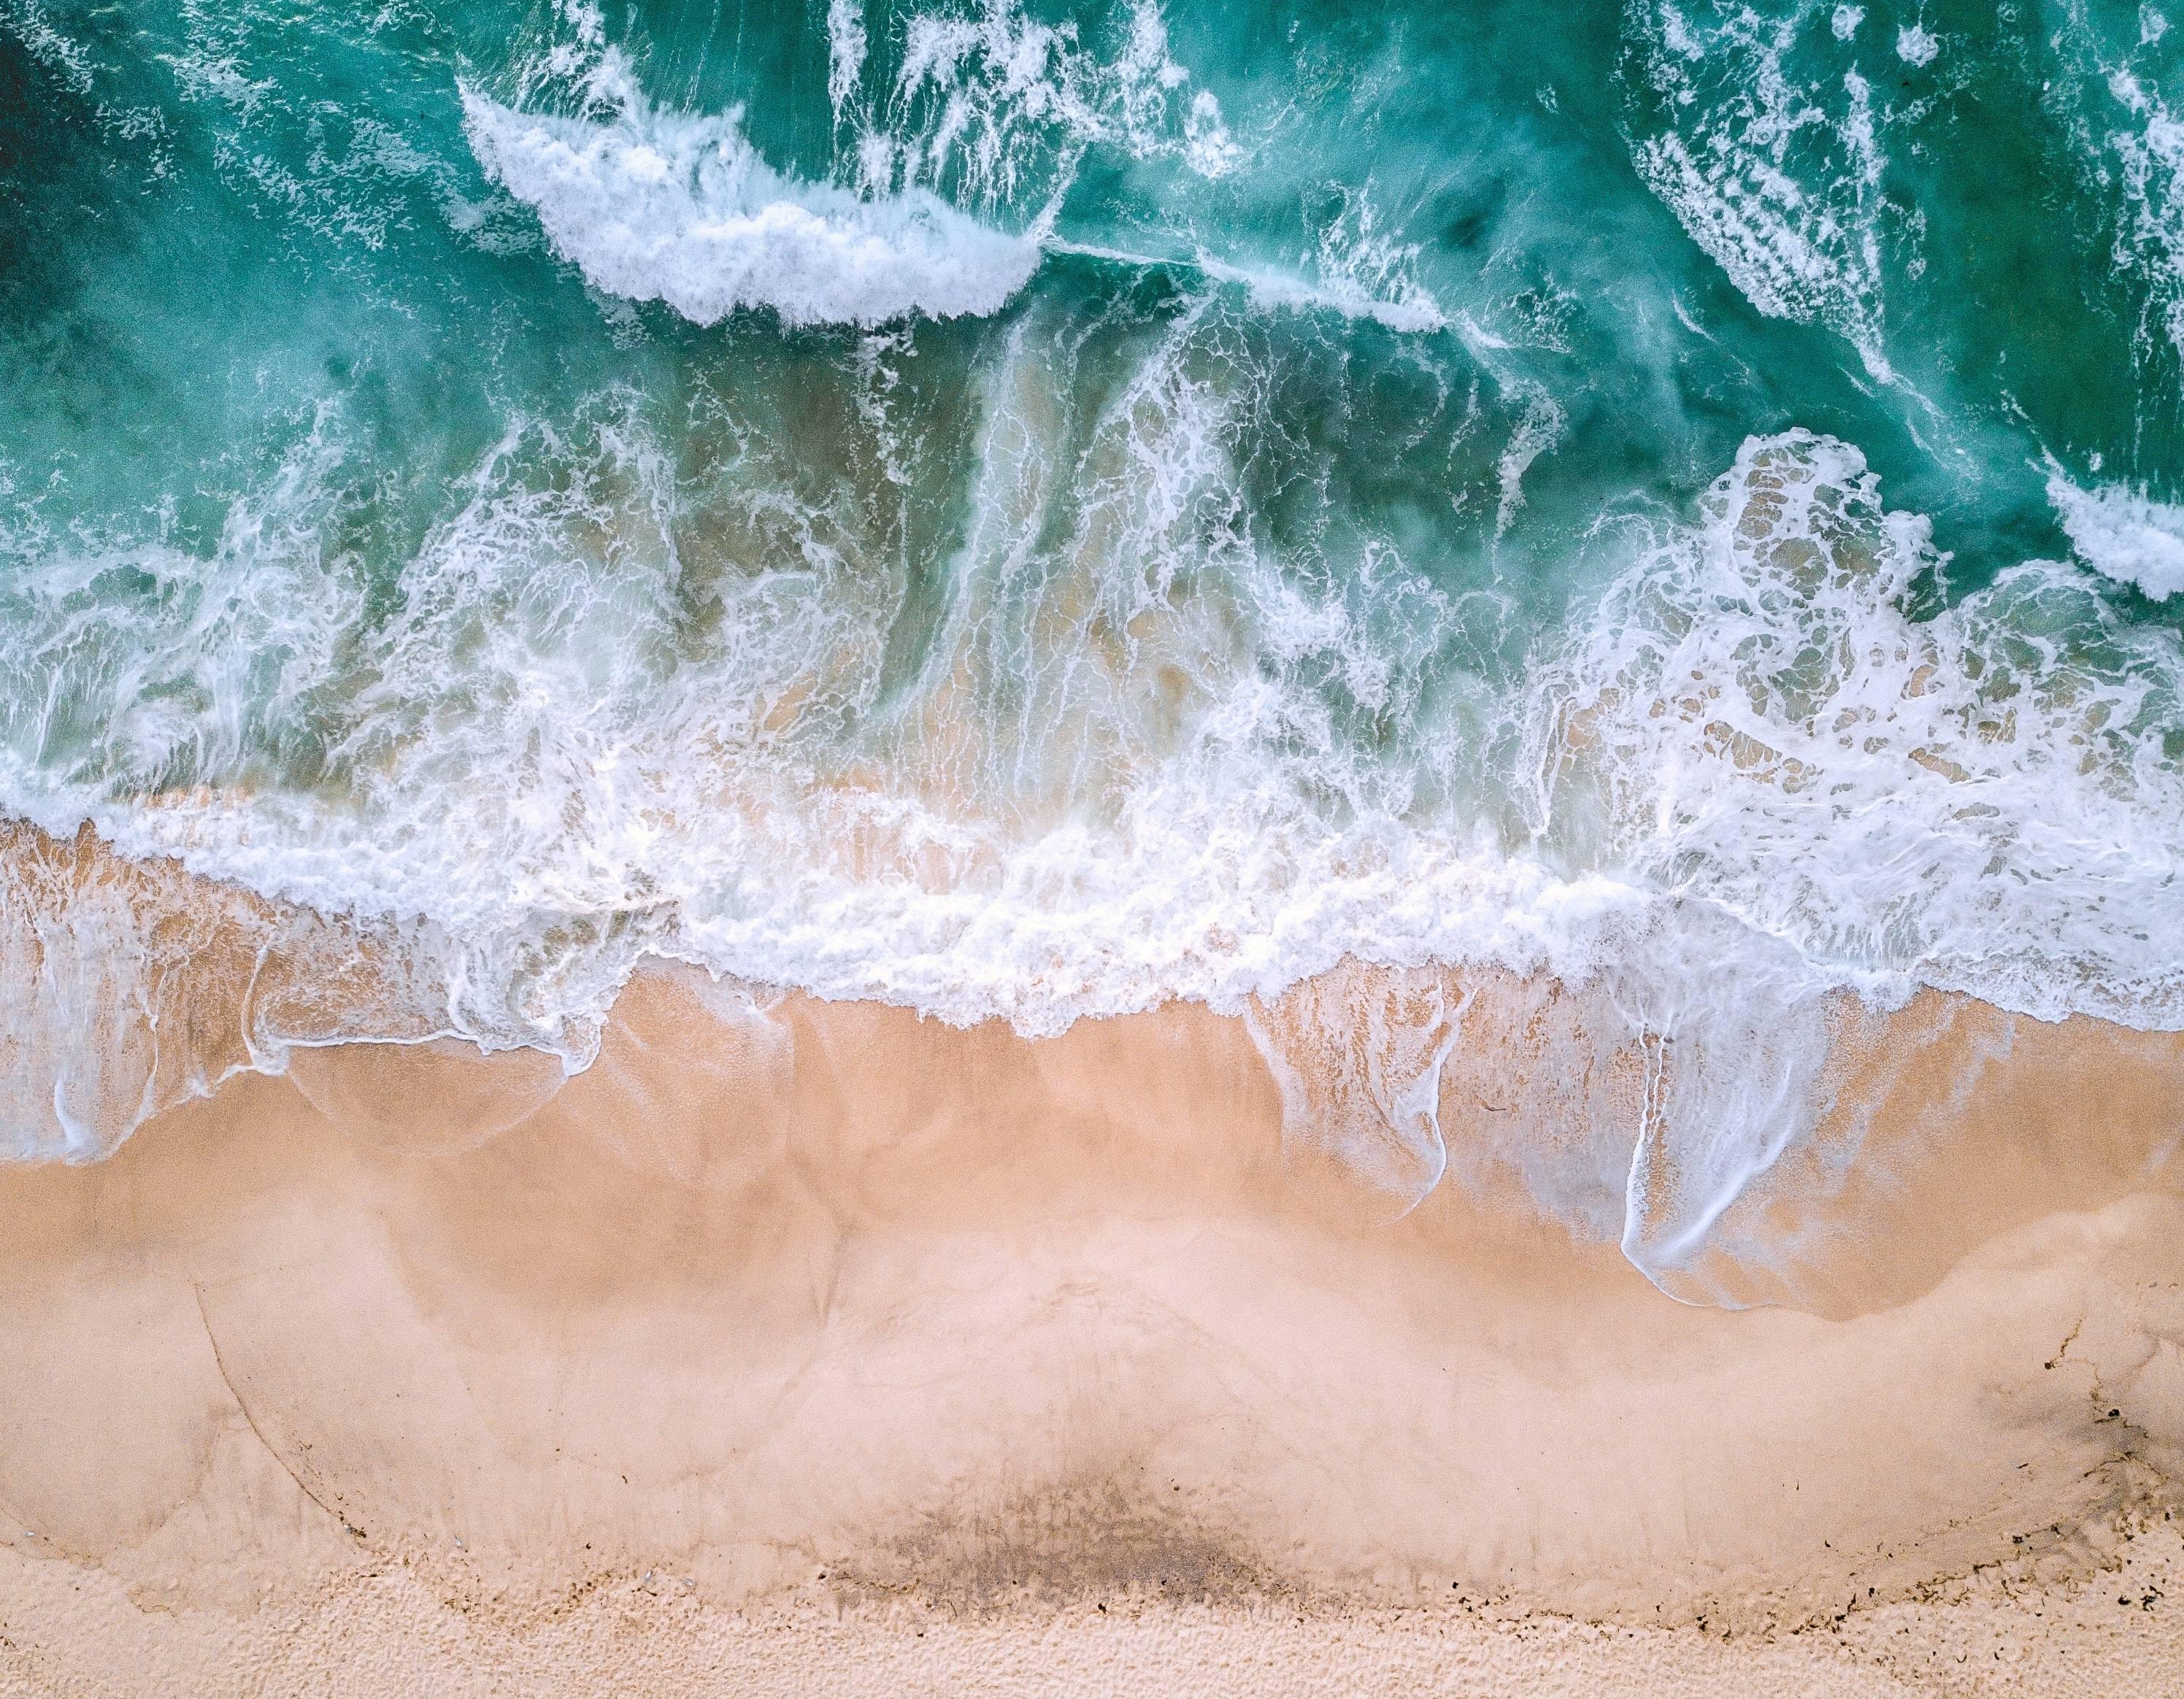 Científicos detectan que las olas y los vientos están siendo más fuertes cada año